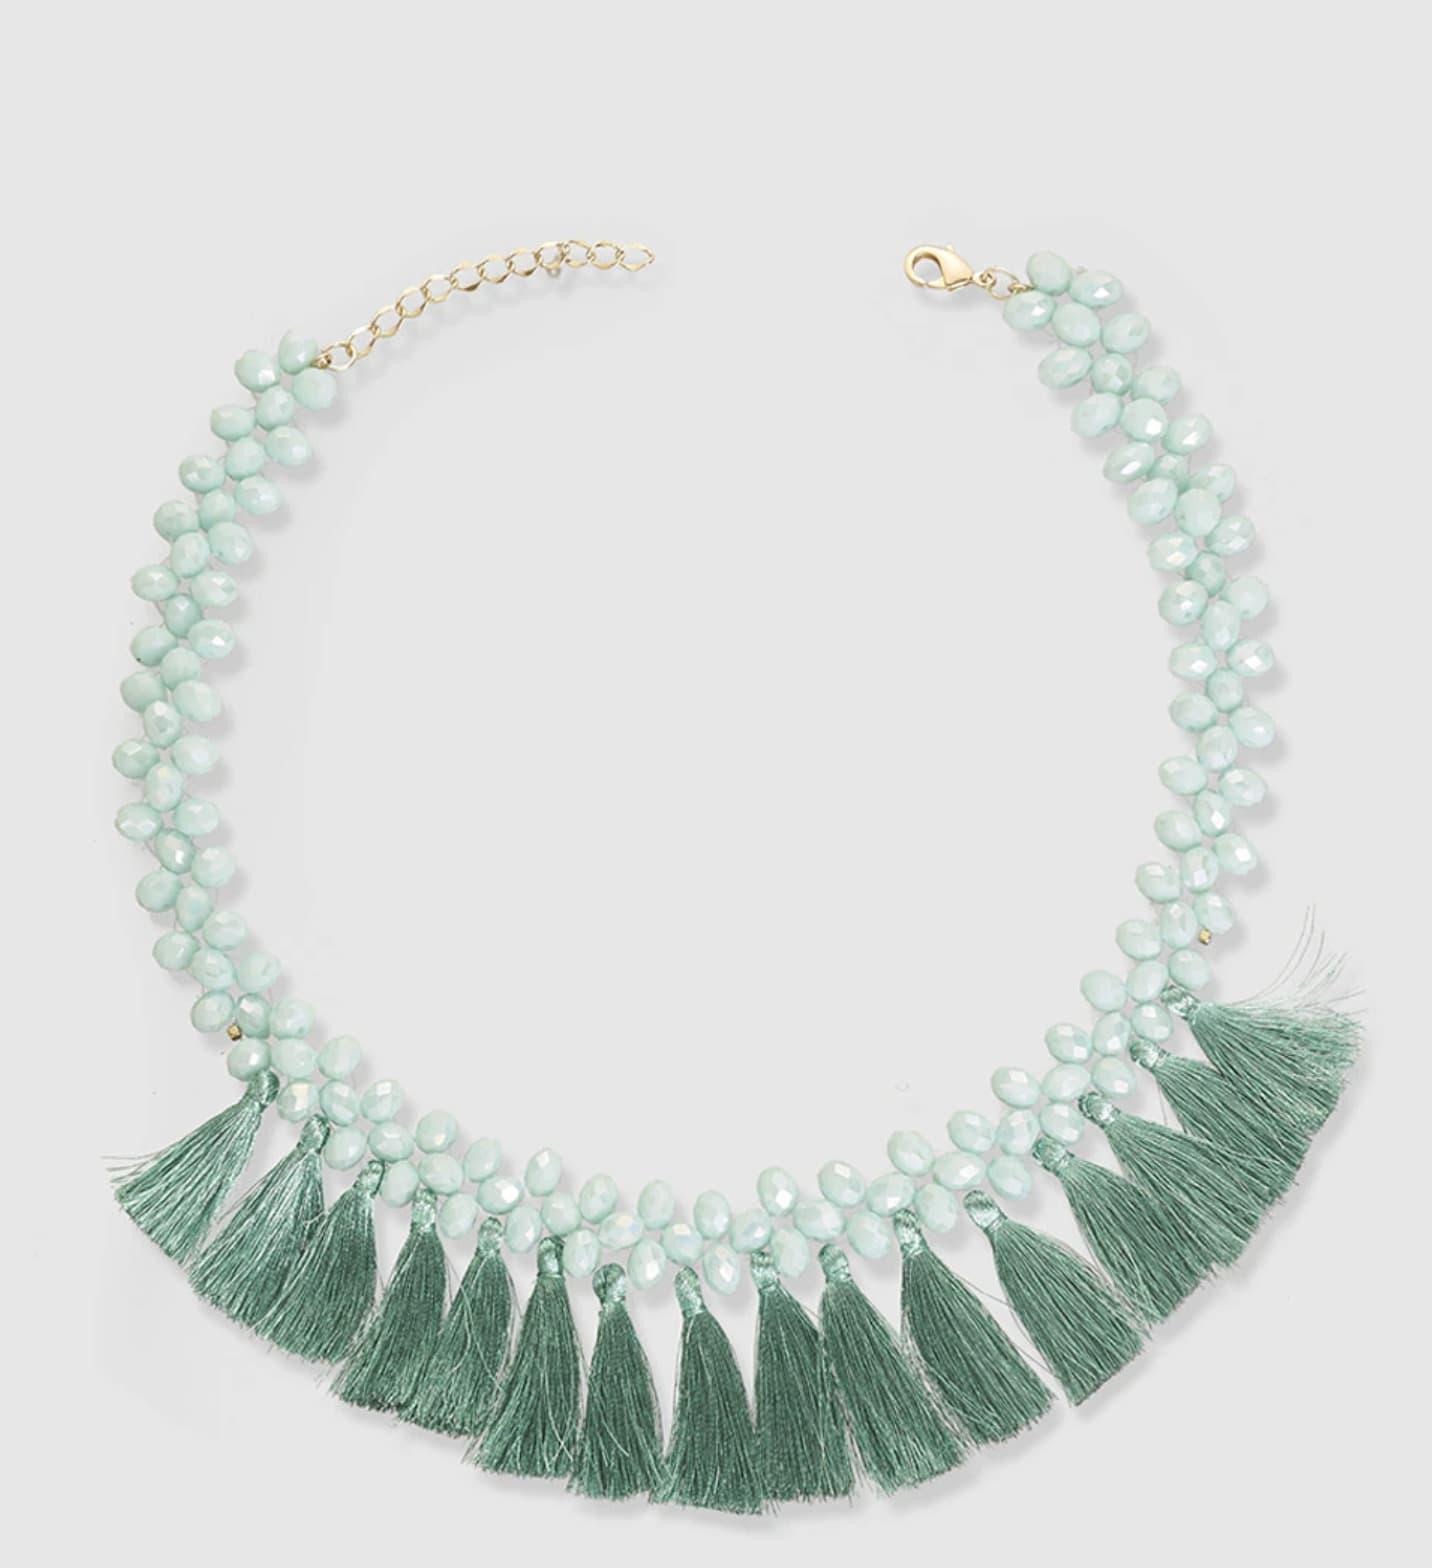 Collar corto enfilado con cuentas de cristal azul y pompones mini a tono.